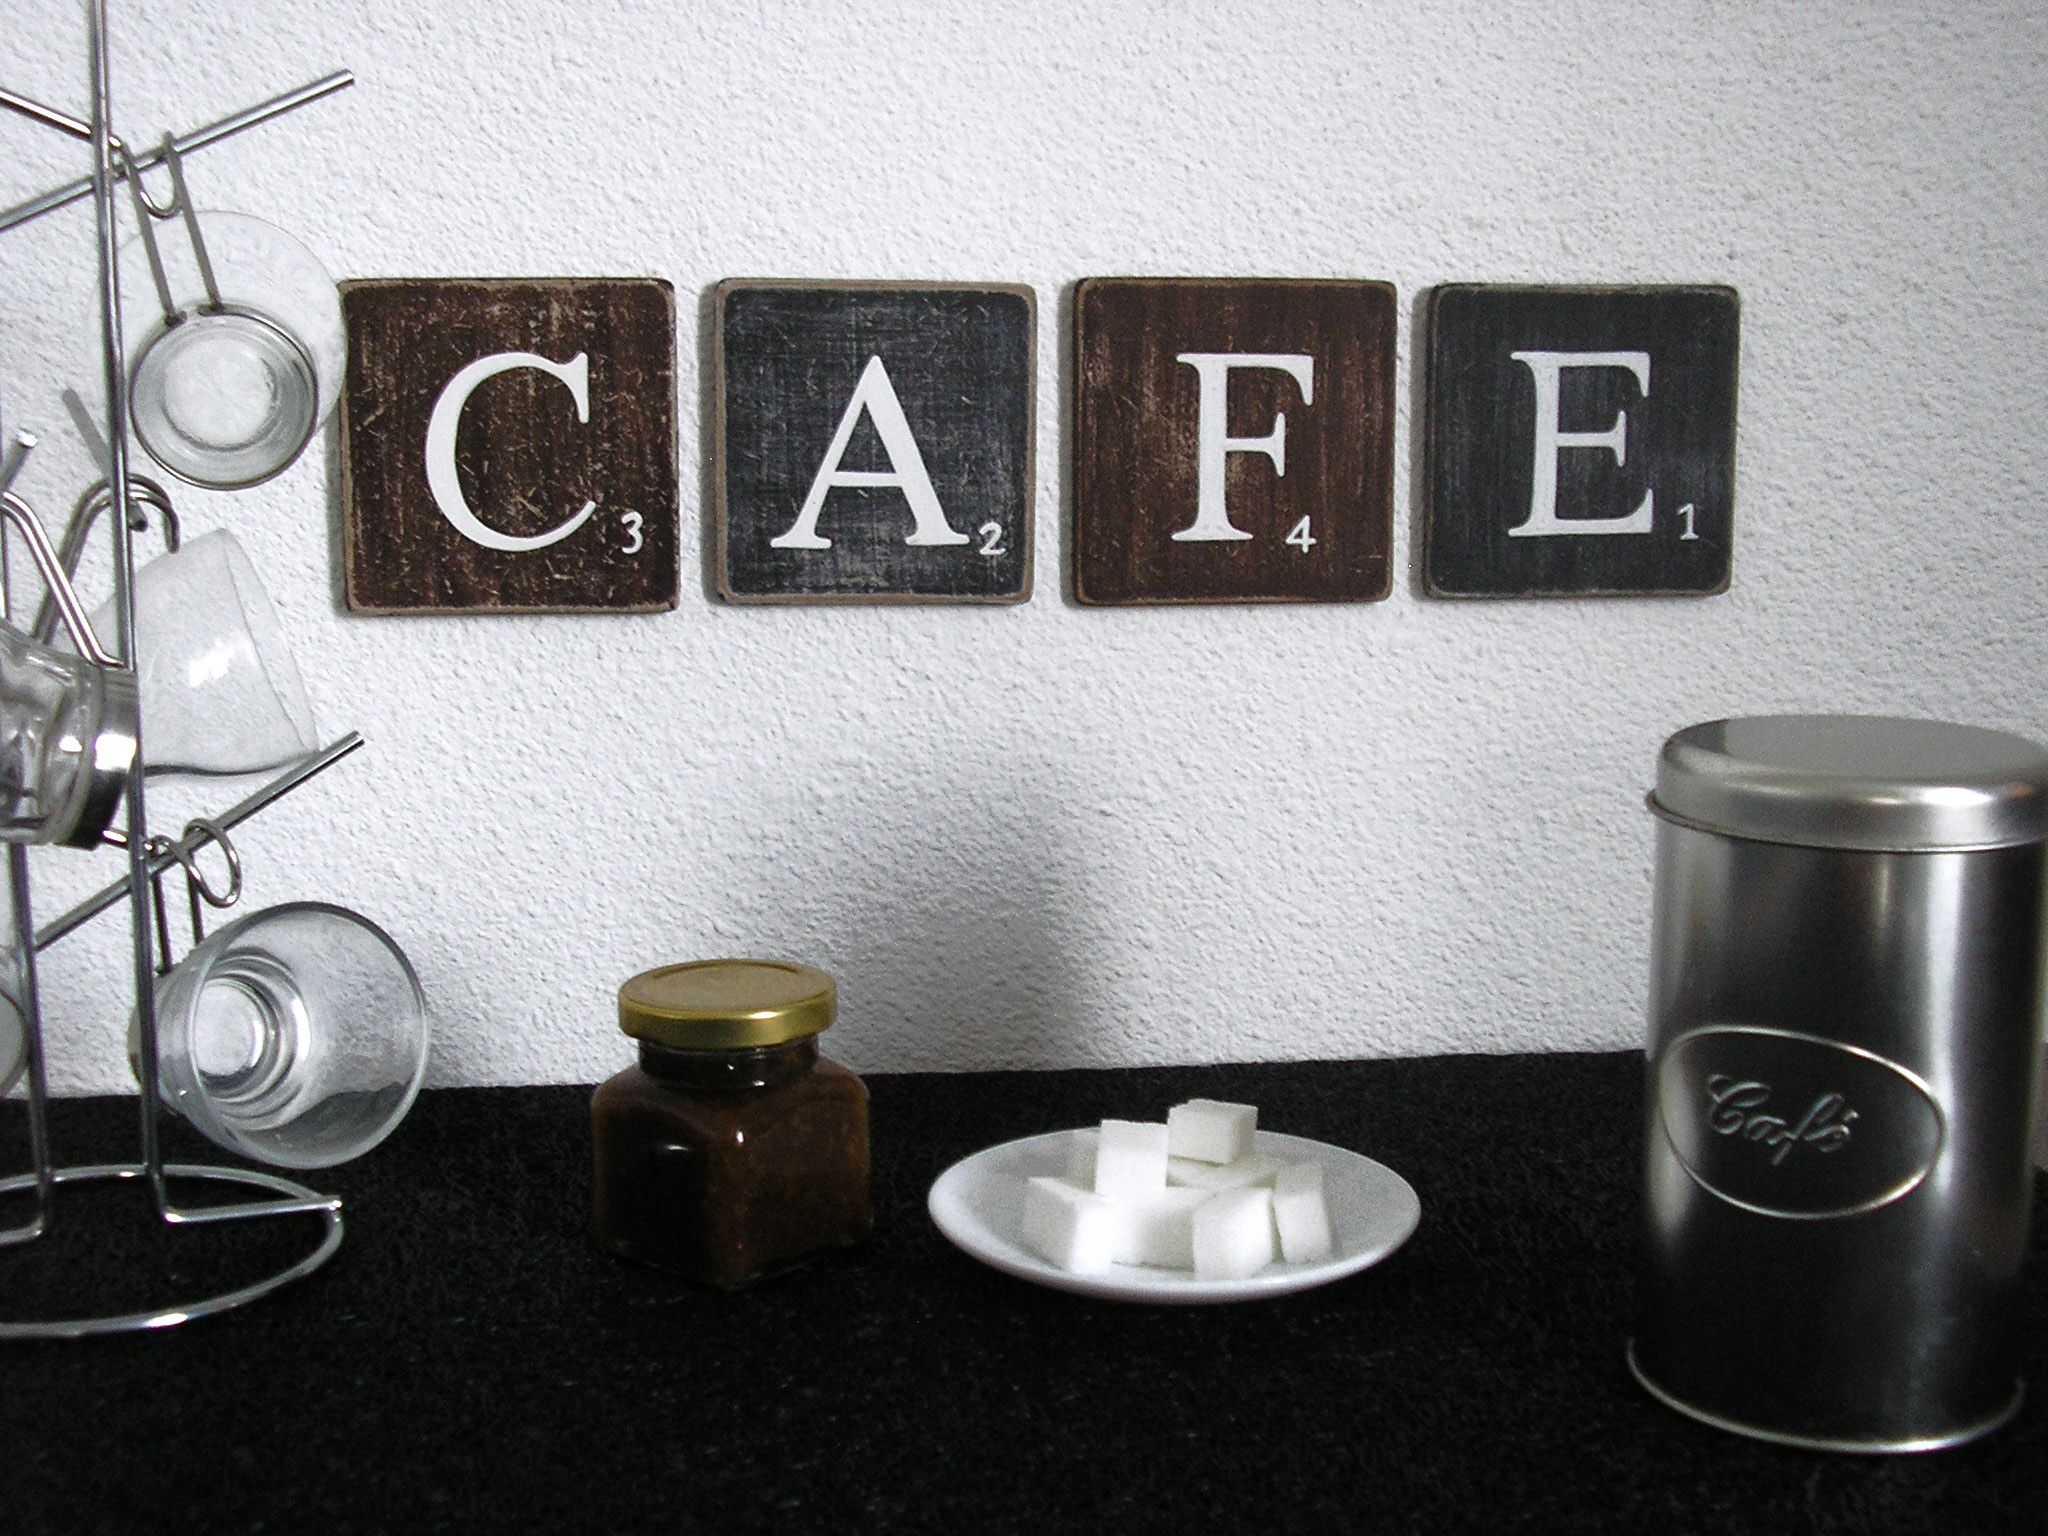 Attrayant Lettres Décoratives CAFE : Pour Une Décoration Murale De Cuisine, Café,  Bar, Une Jolie Alternance Marron Et Noir, Qui Rappelle La Couleur Du Café.